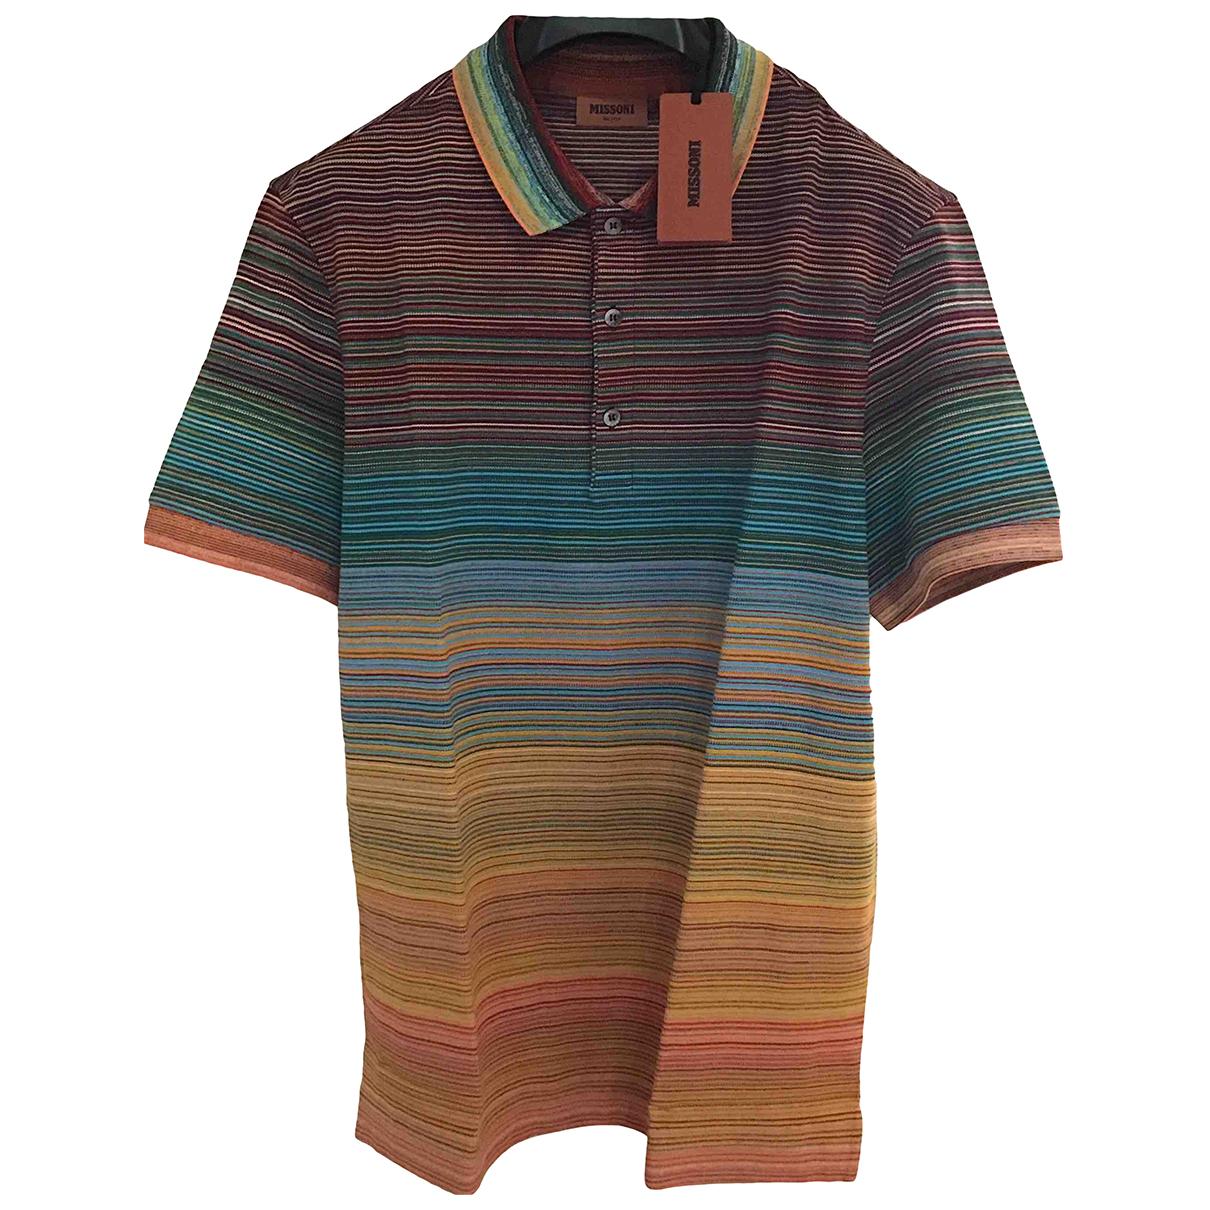 Missoni - Polos   pour homme en coton - multicolore